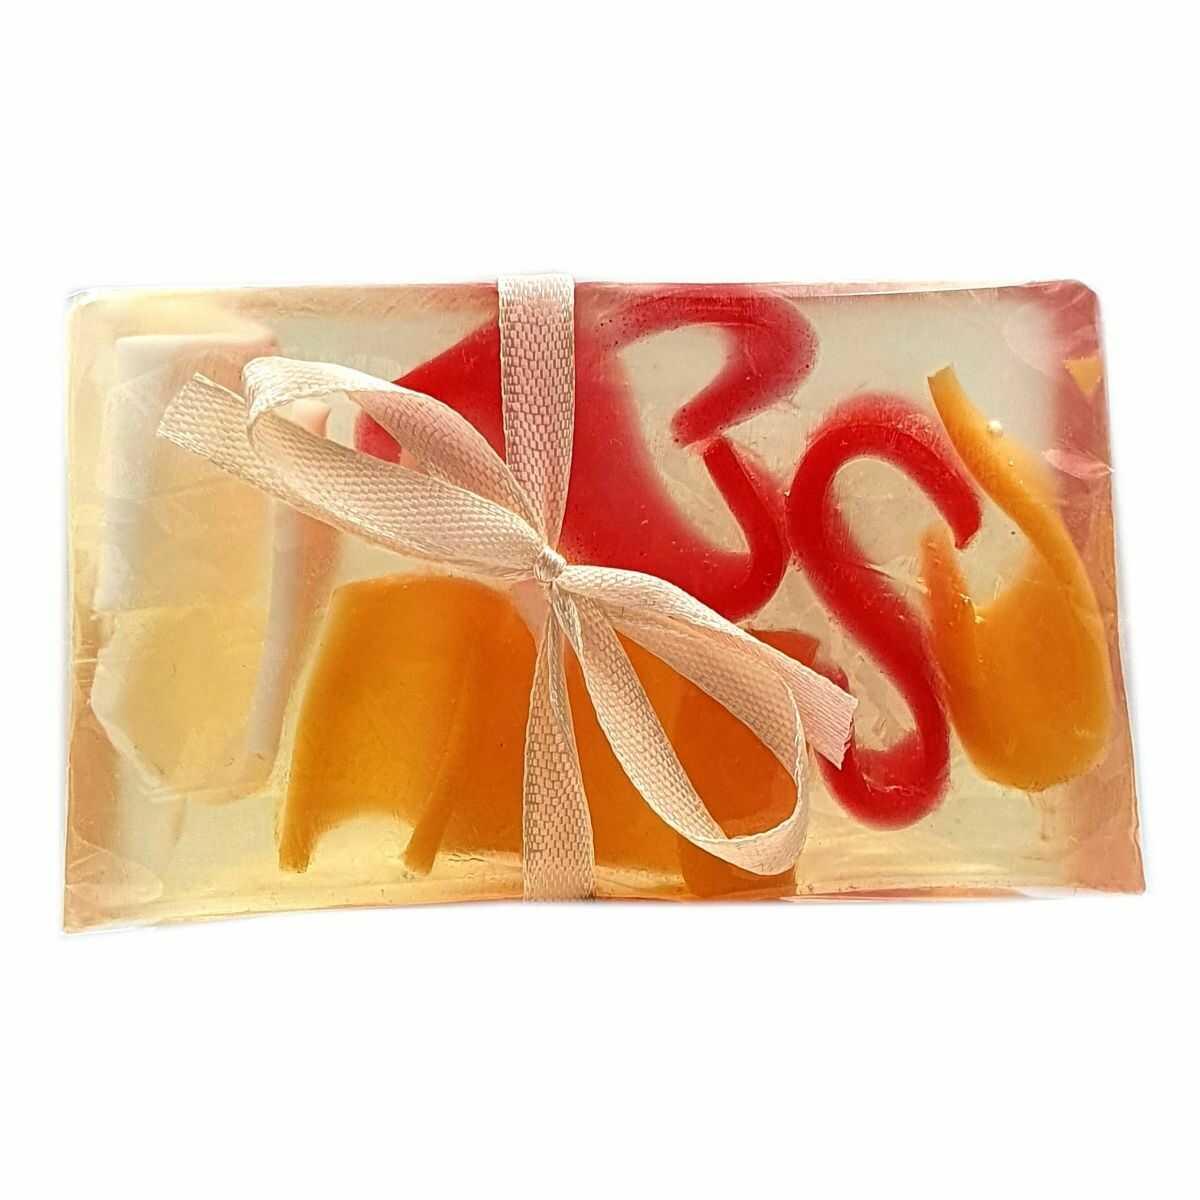 Mydło Glicerynowe - Citrus Garden - 100g - Lavea